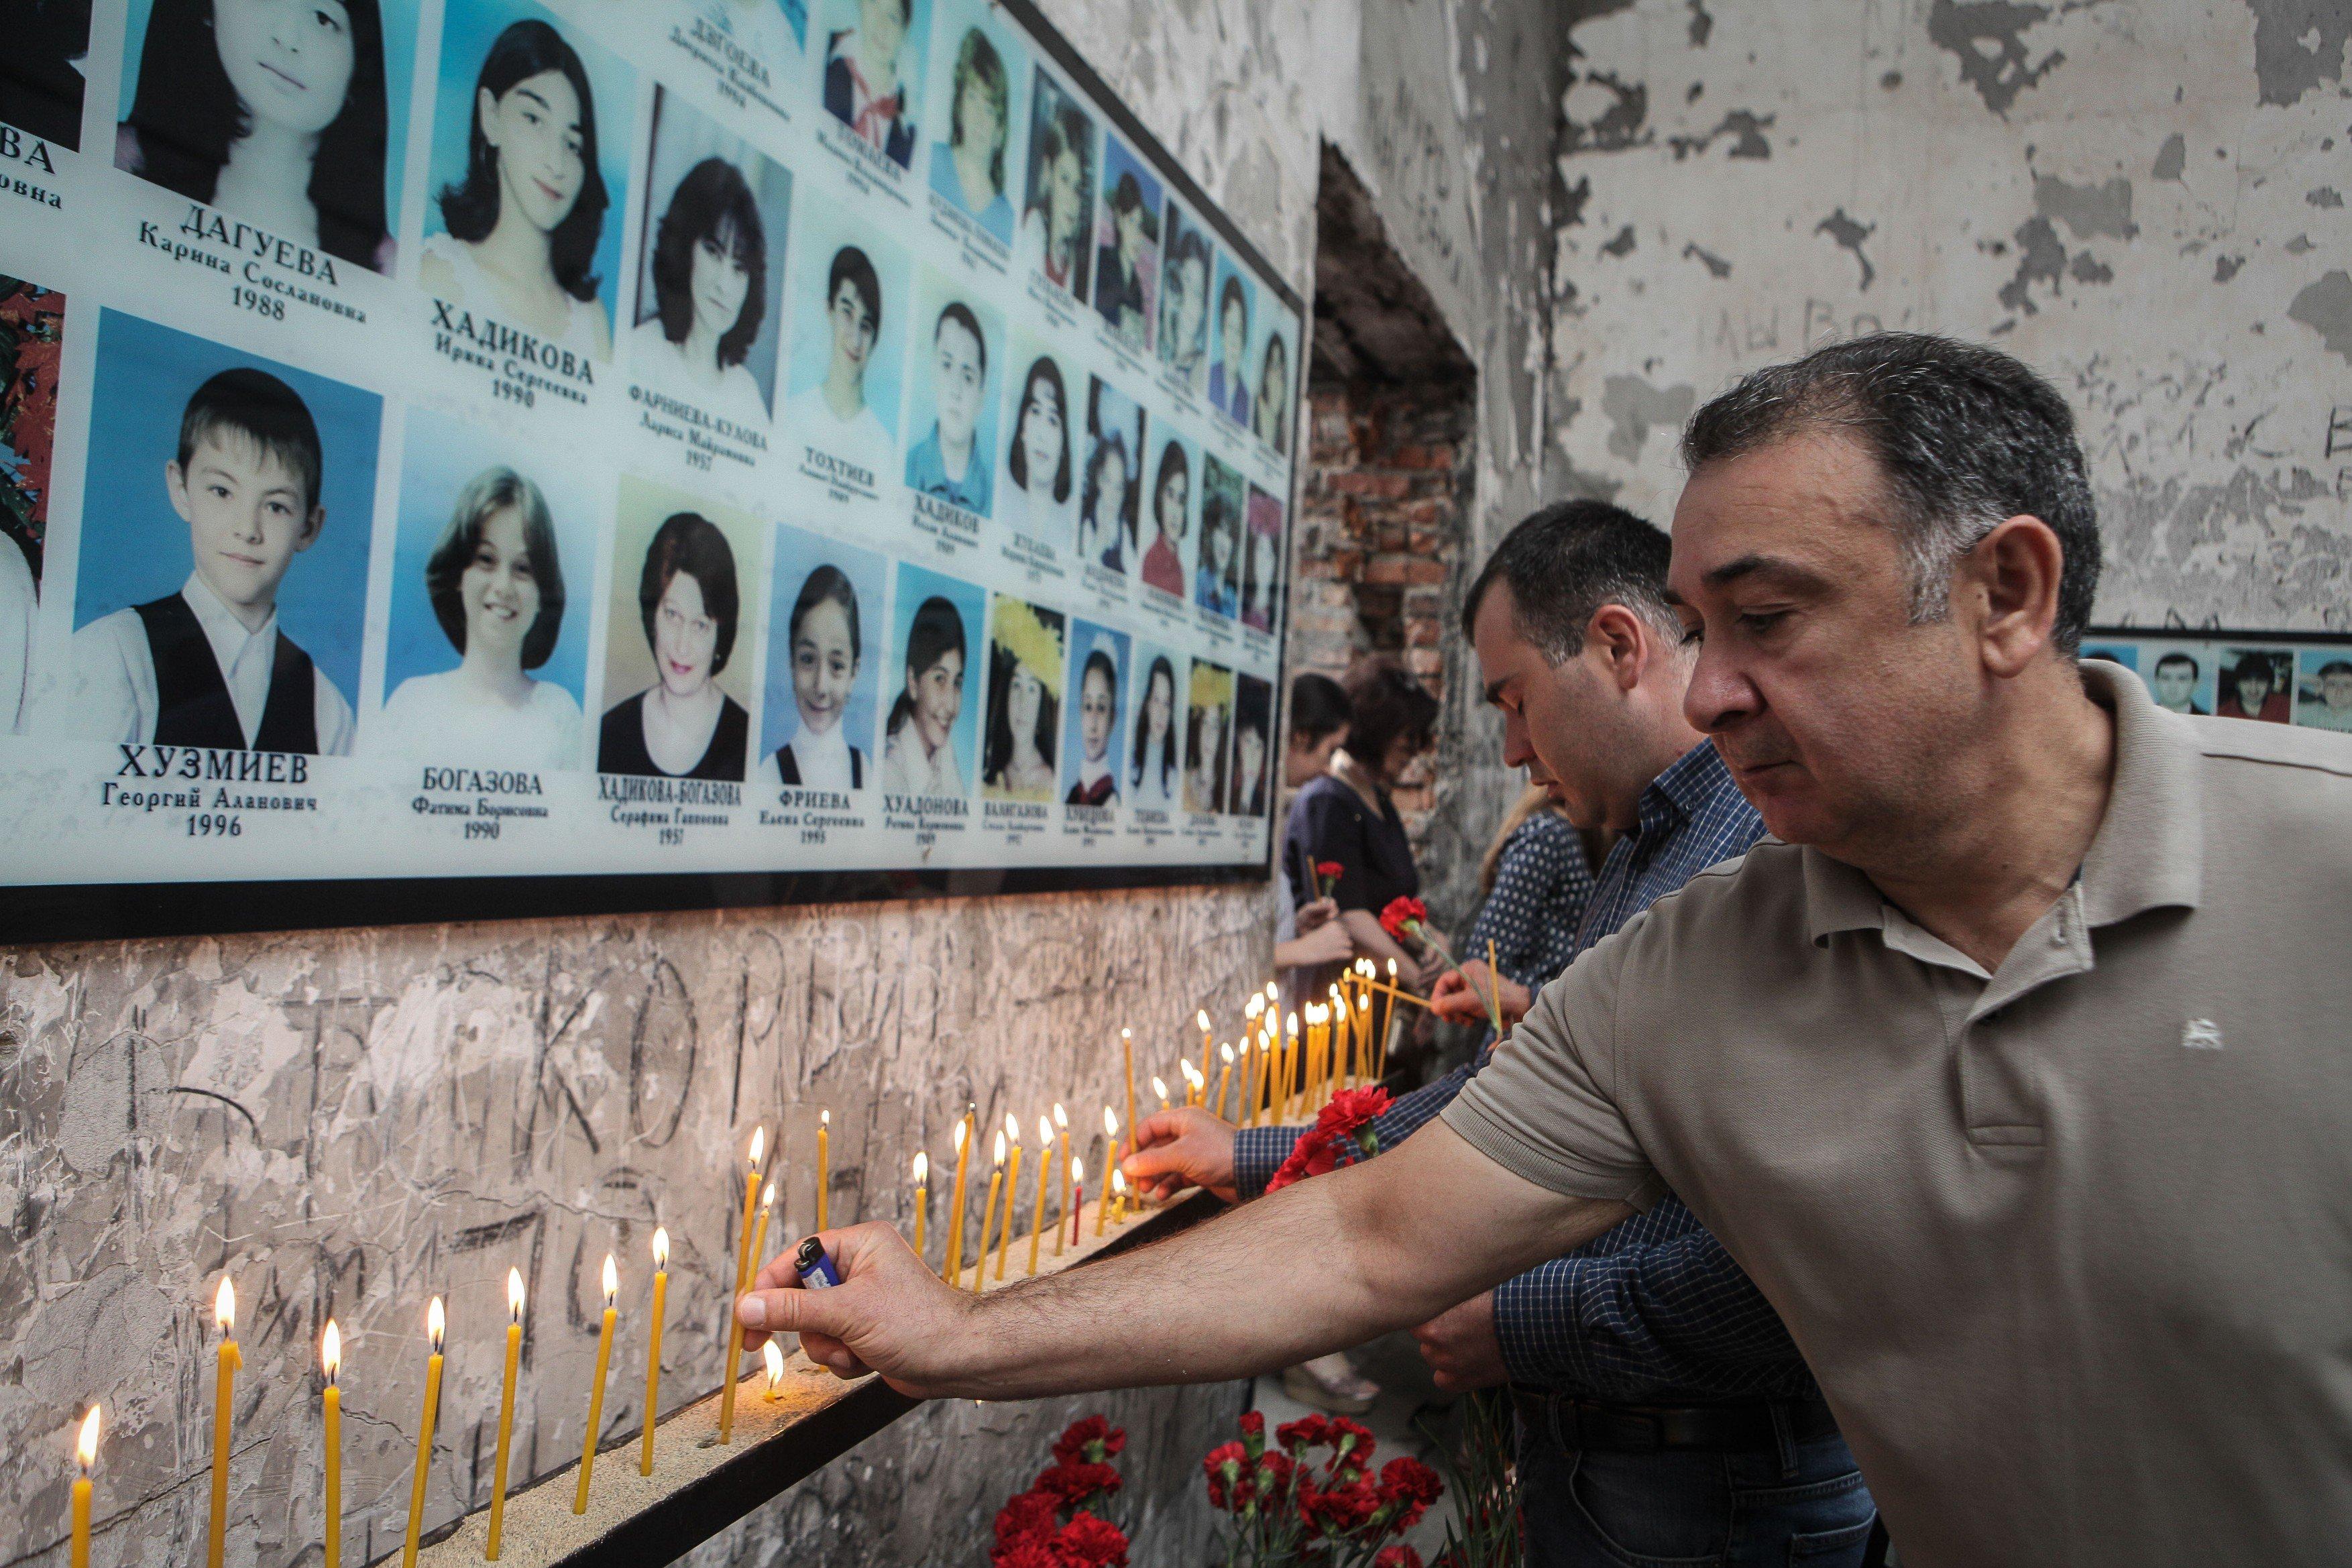 Vzpomínková akce v Beslanu v roce 2018